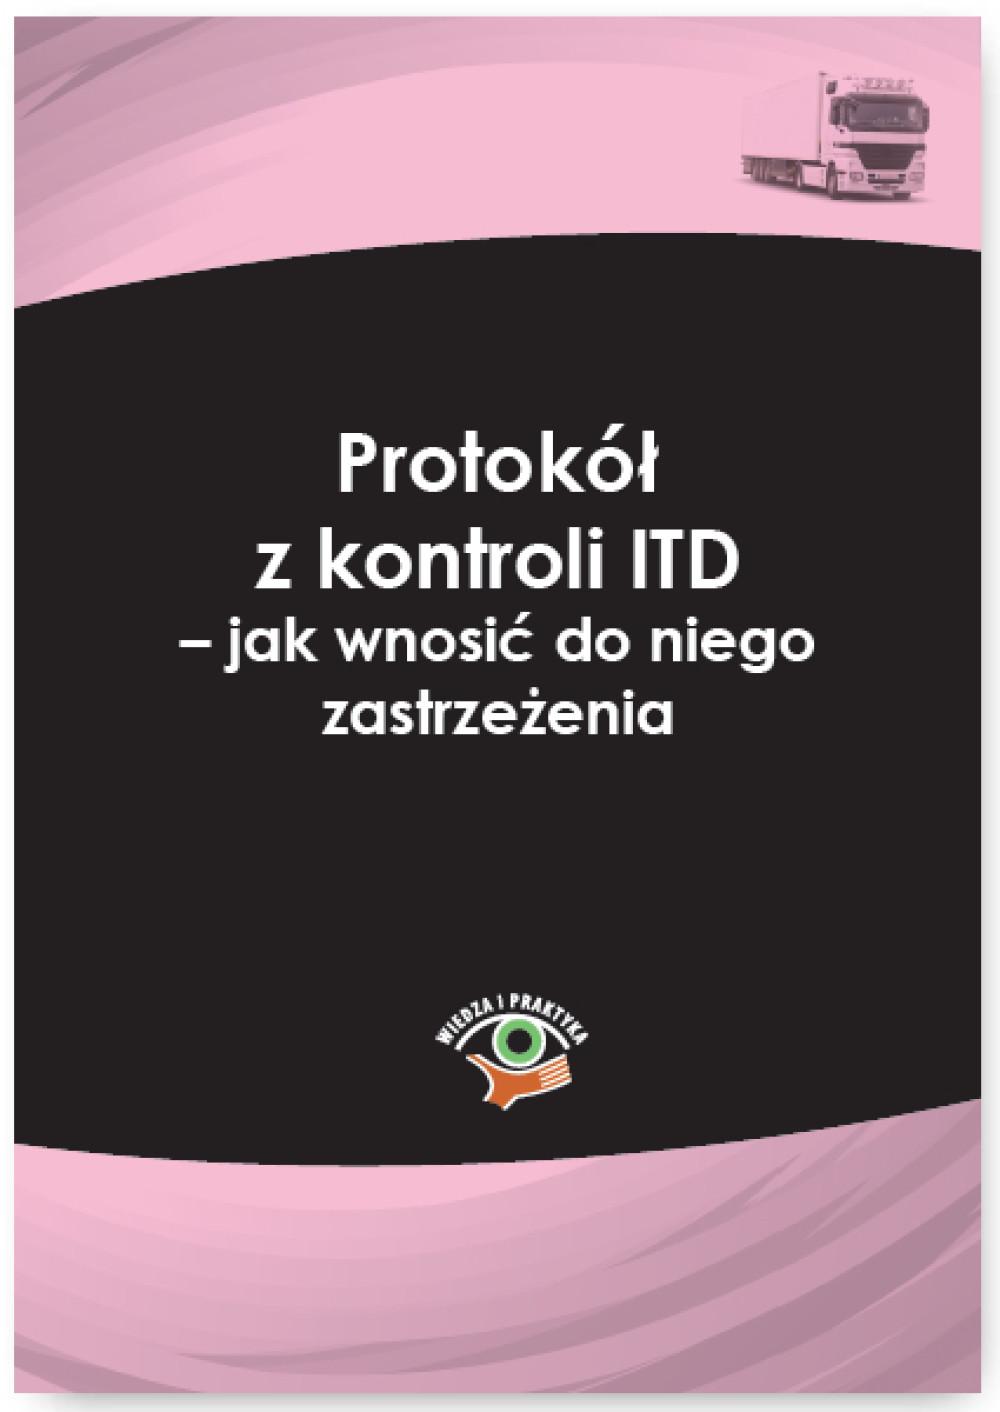 Protokół z kontroli ITD - jak wnosić do niego zastrzeżenia ebook